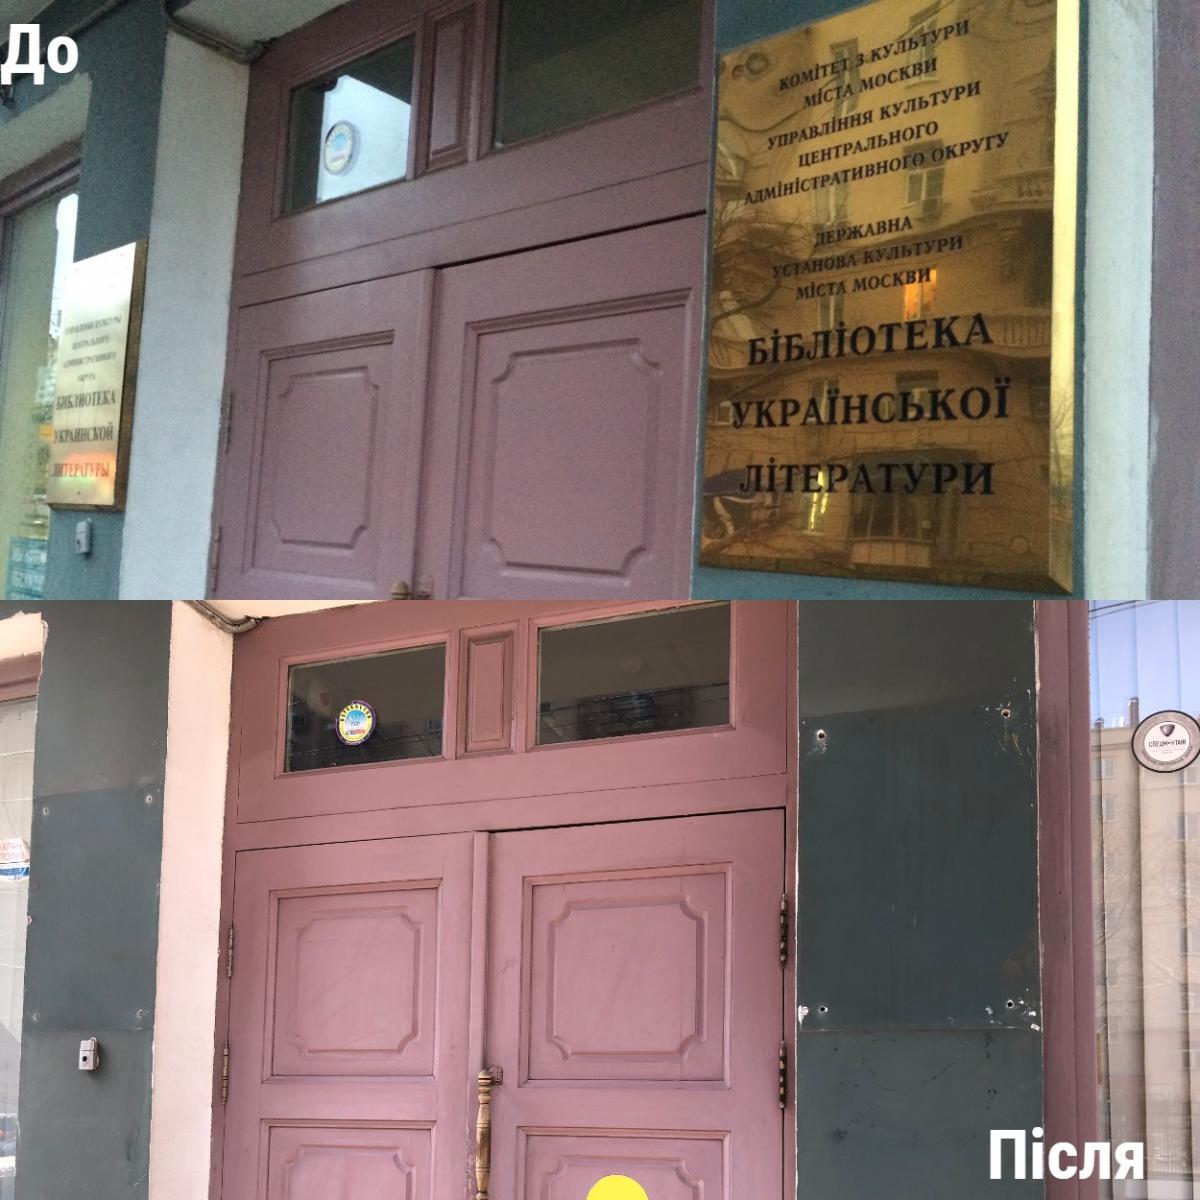 Де-факто бібліотеку закрили у минулому році, наразі з будівлі вже зняли усі вивіски / фото УНІАН